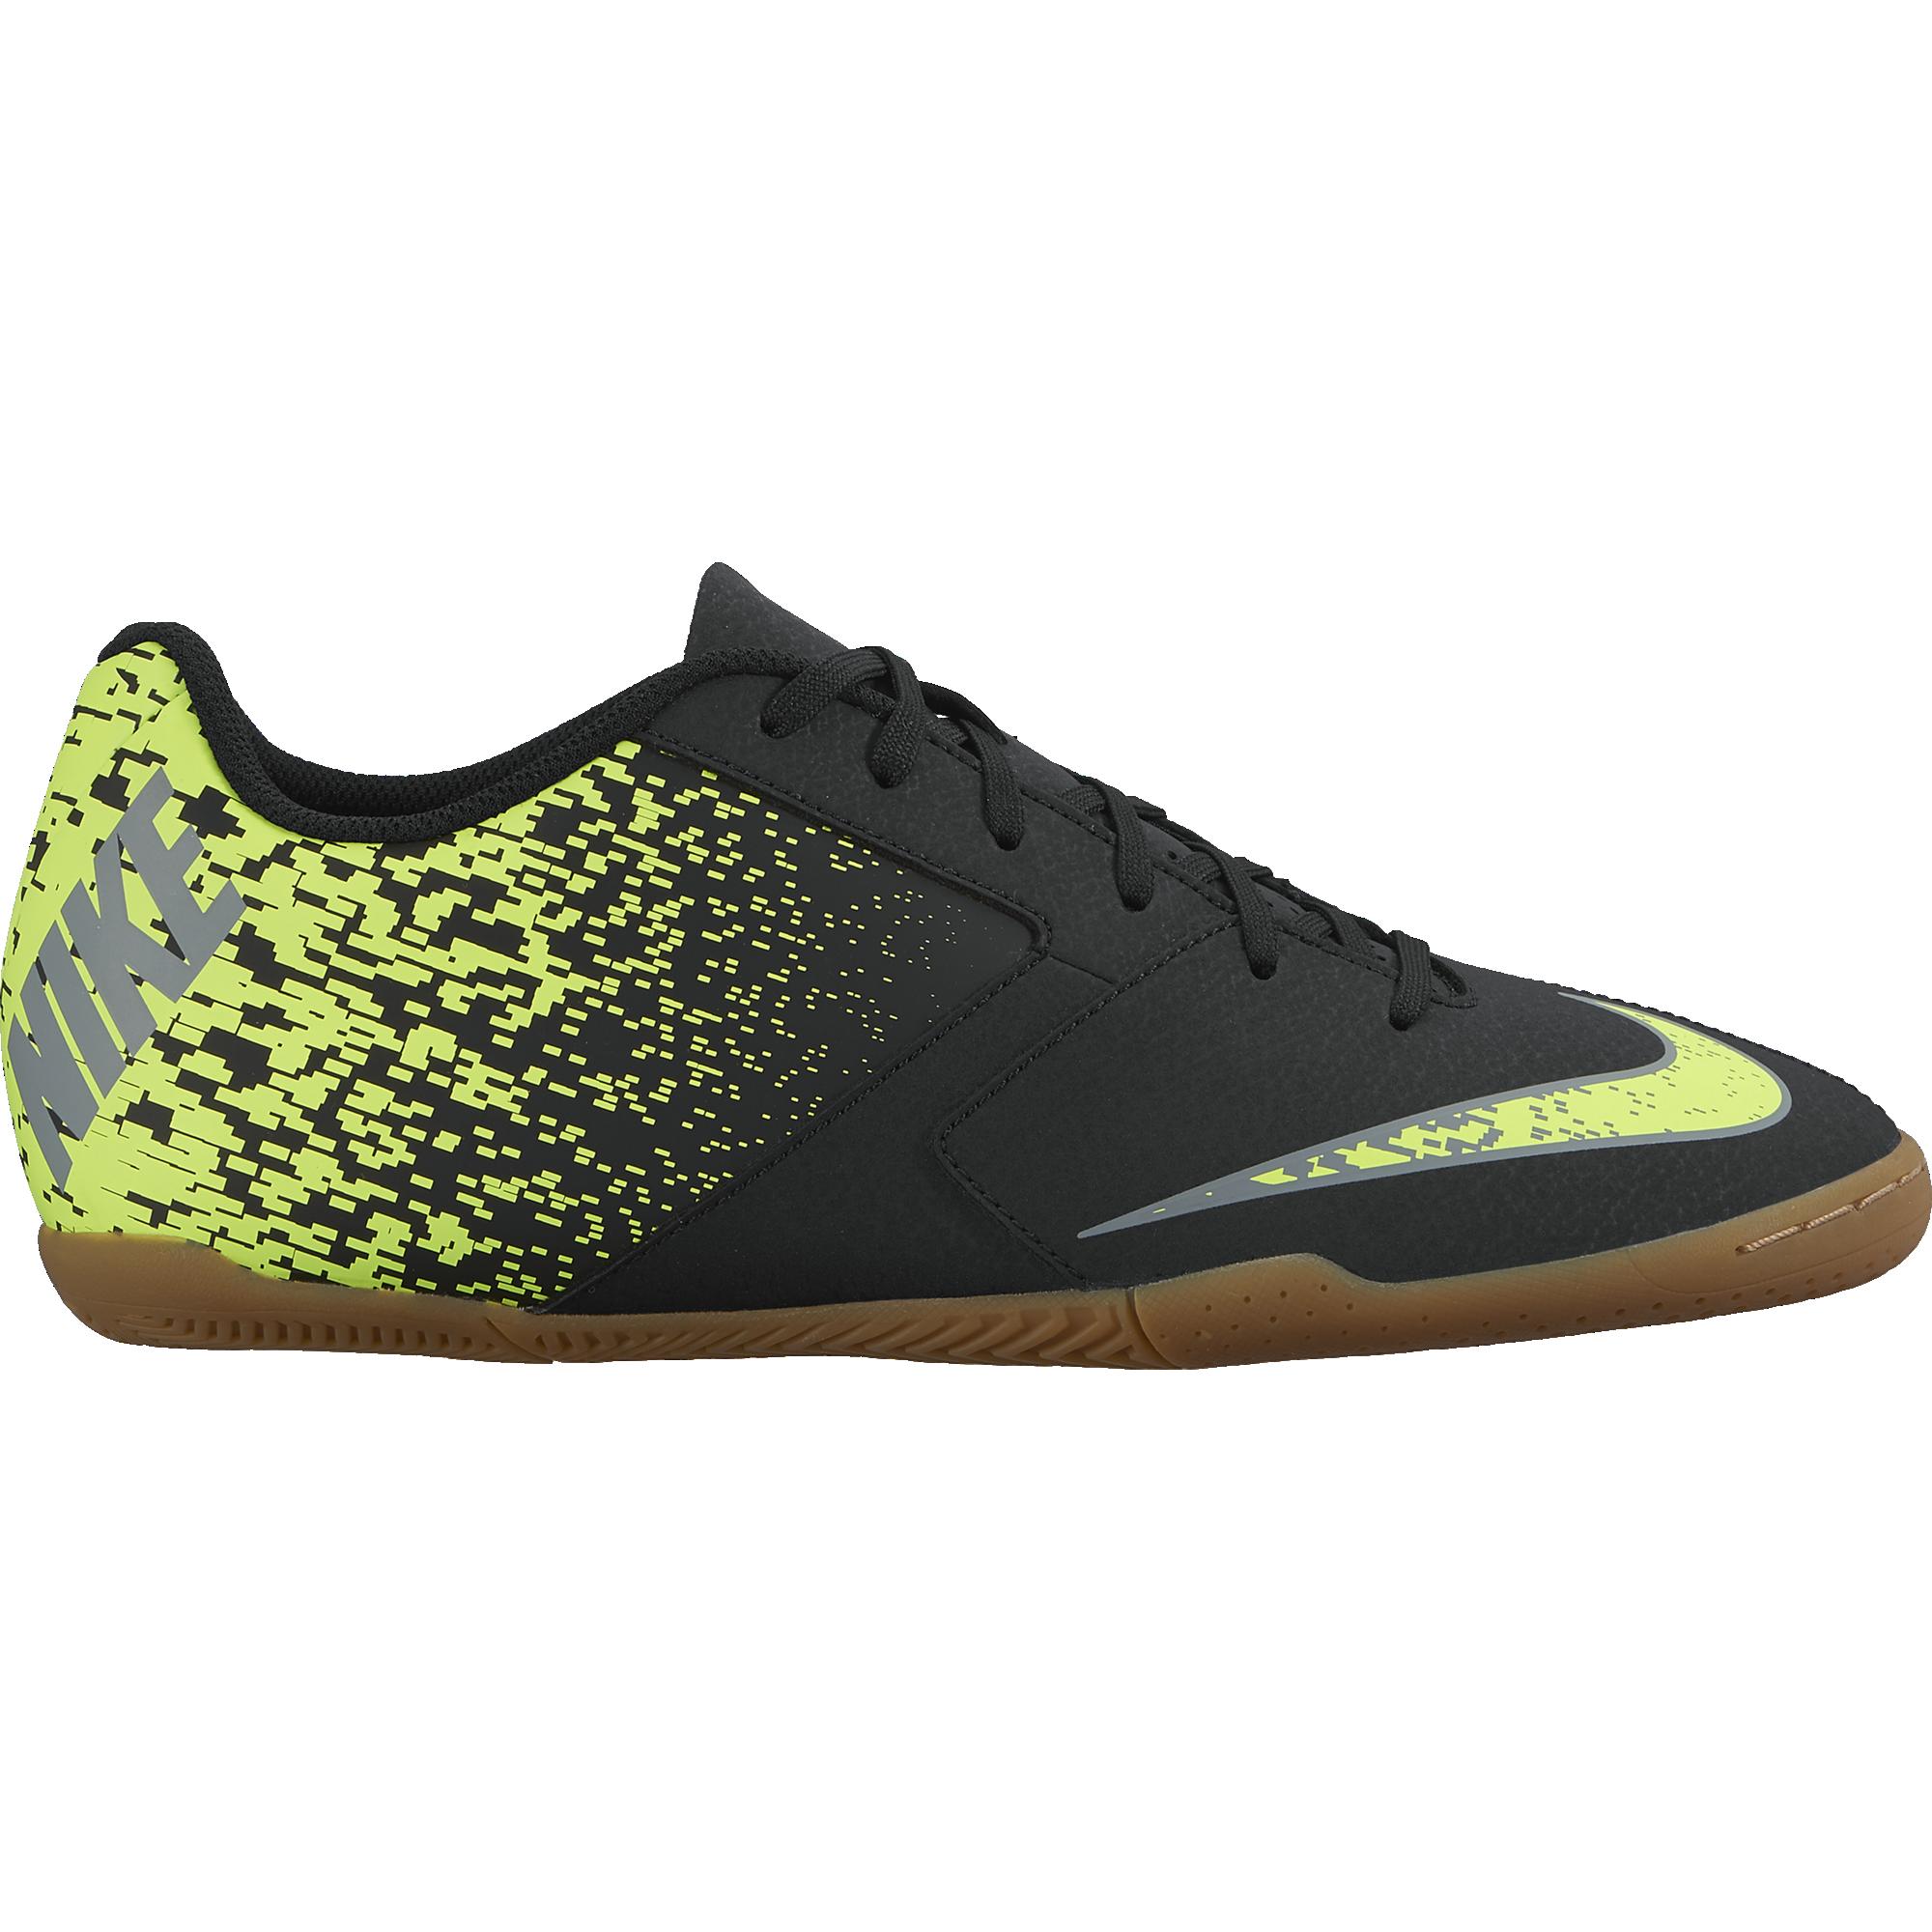 c770b25642 Nike Mens Nike Bombax Férfi Foci Cipő 826485-007 Férfi Cipo/foci-cipo